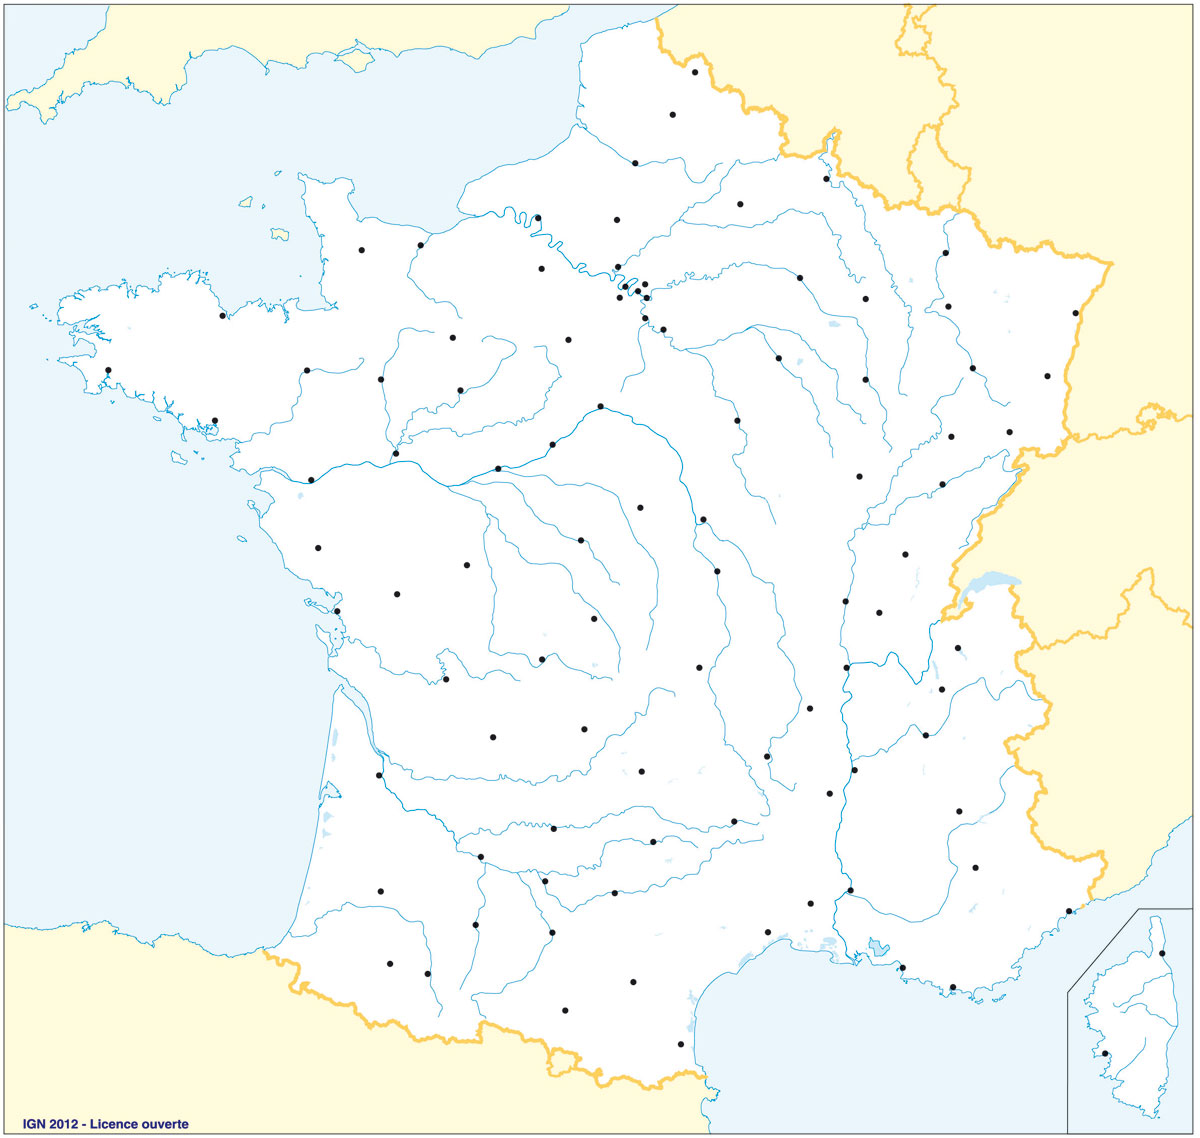 fond carte villes fleuves